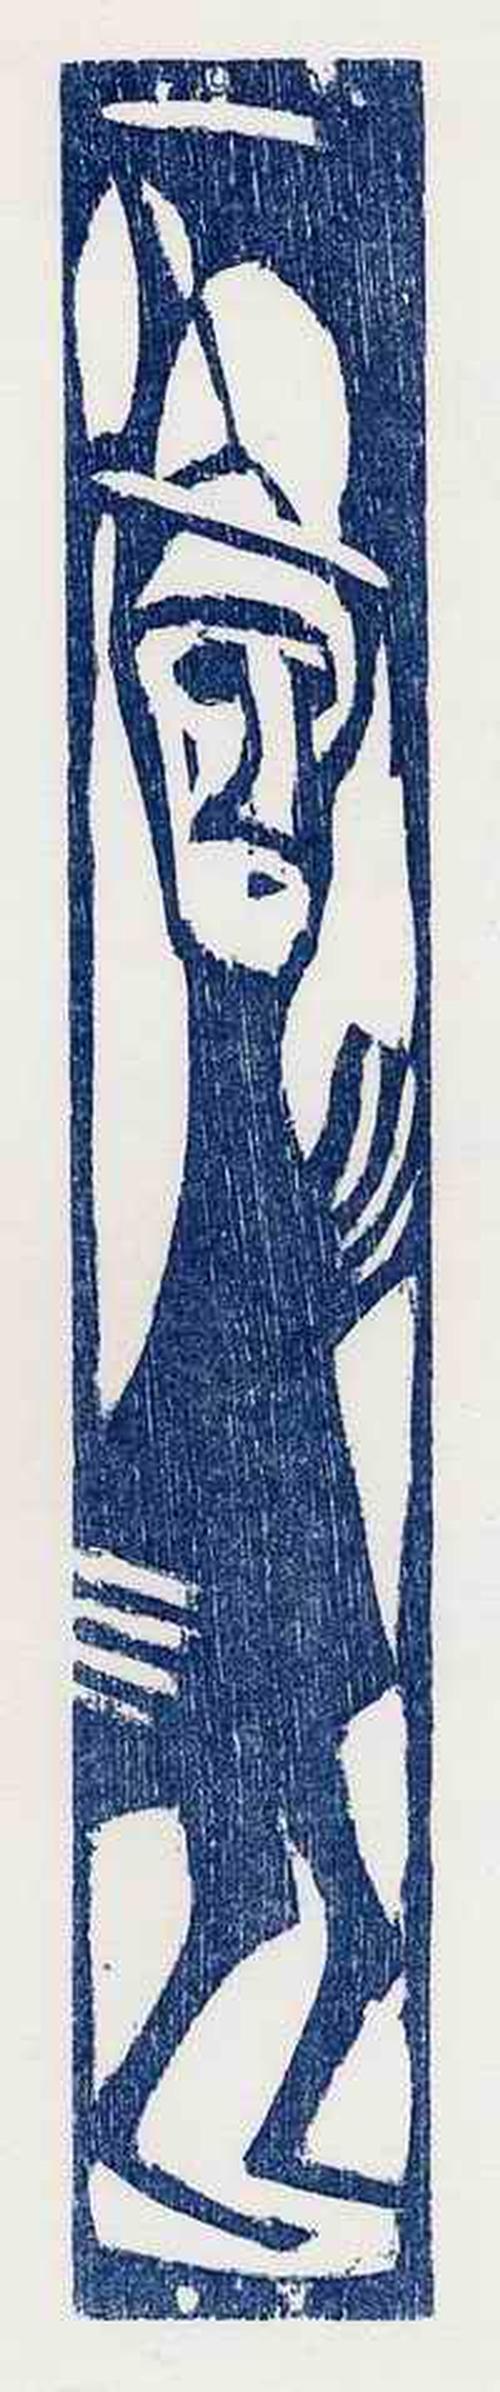 Christan Rohlfs - SCHMALES MÄNNCHEN 1922 OriginalHolzschnitt des ENTARTETEN EXPRESSIONISTEN d.PREUßISCHEN AKADEMIE Bln kopen? Bied vanaf 48!